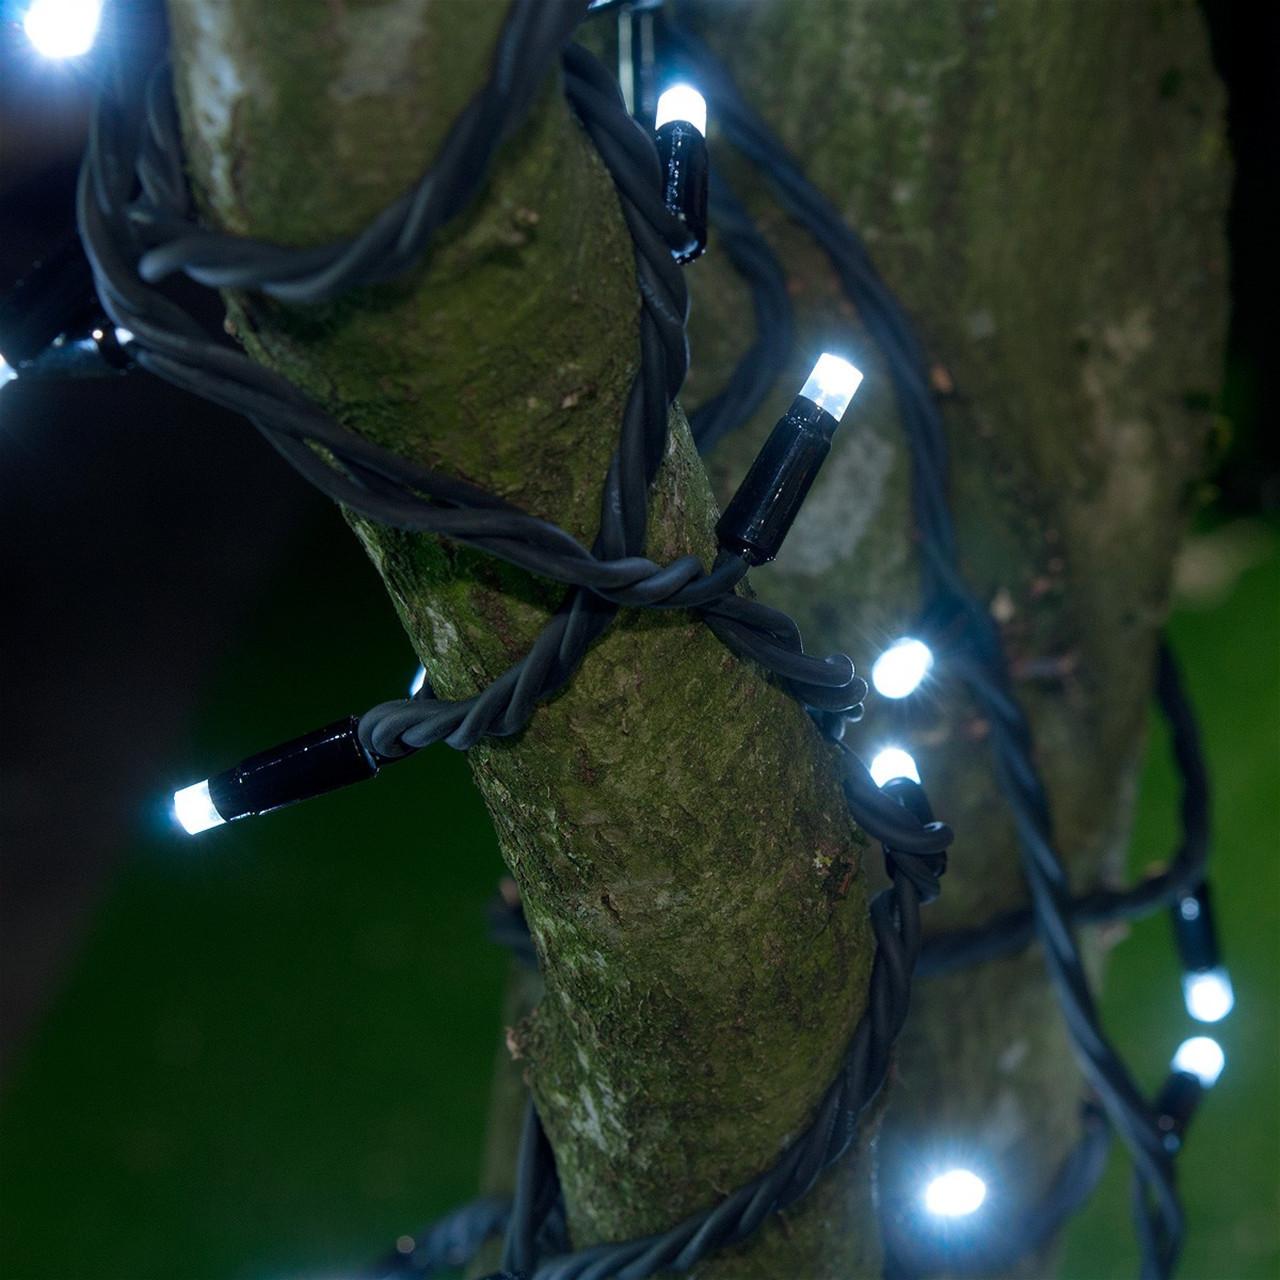 Уличная Гирлянда светодиодная нить, 20 м - цвет белый - холодный, черный каучуковый провод, фото 1